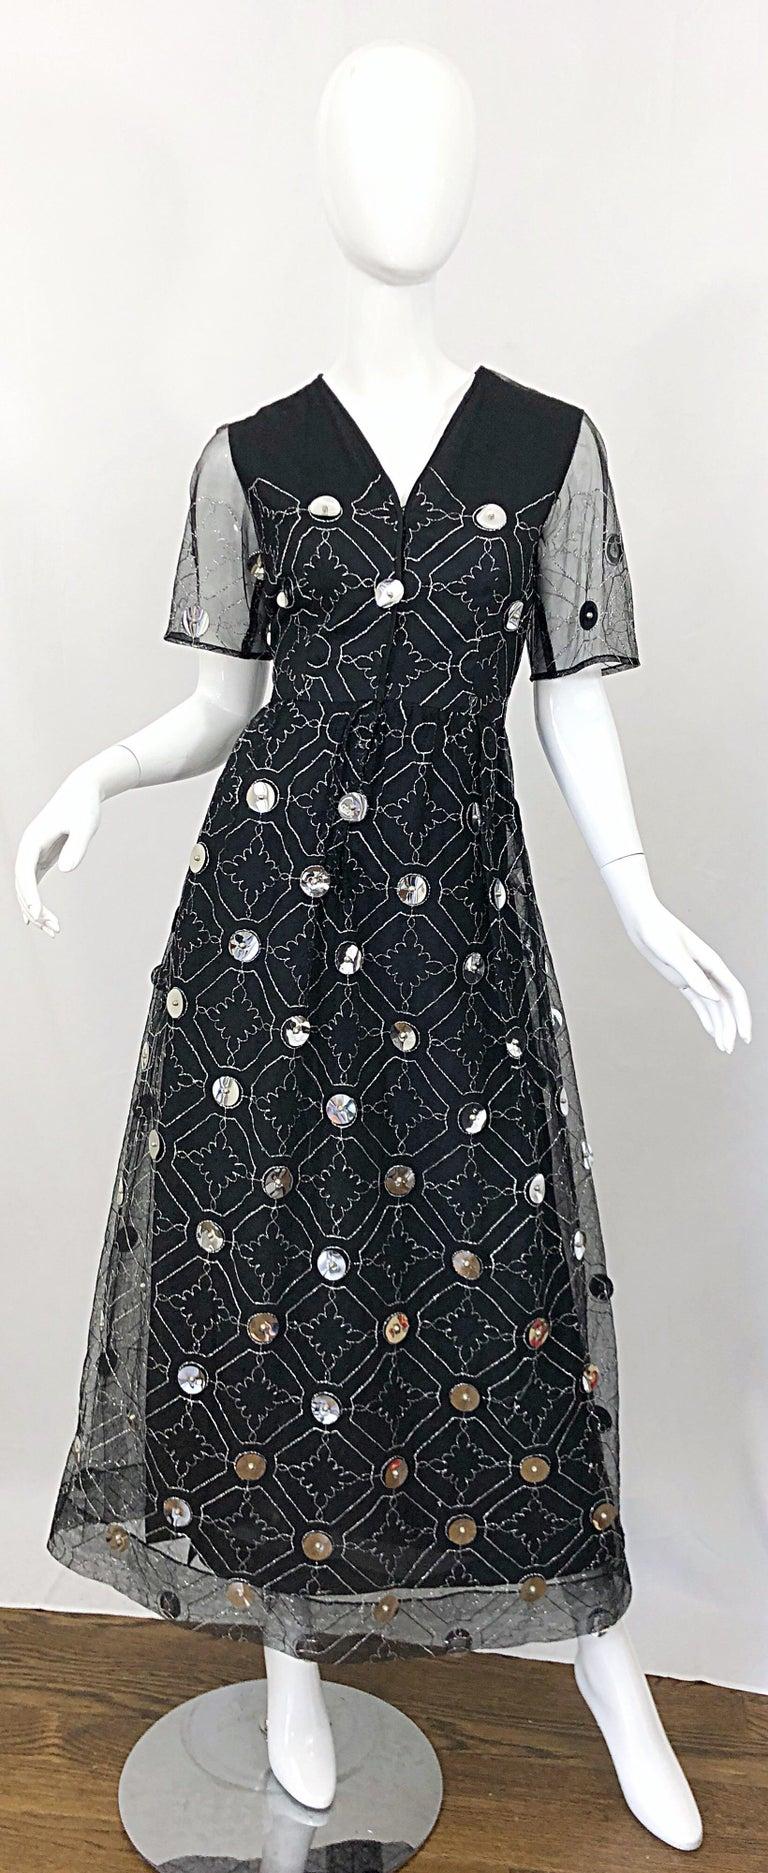 Vintage Oscar de la Renta Sz 10 1970s Black Tulle + Silver Pailletes 70s Gown For Sale 12